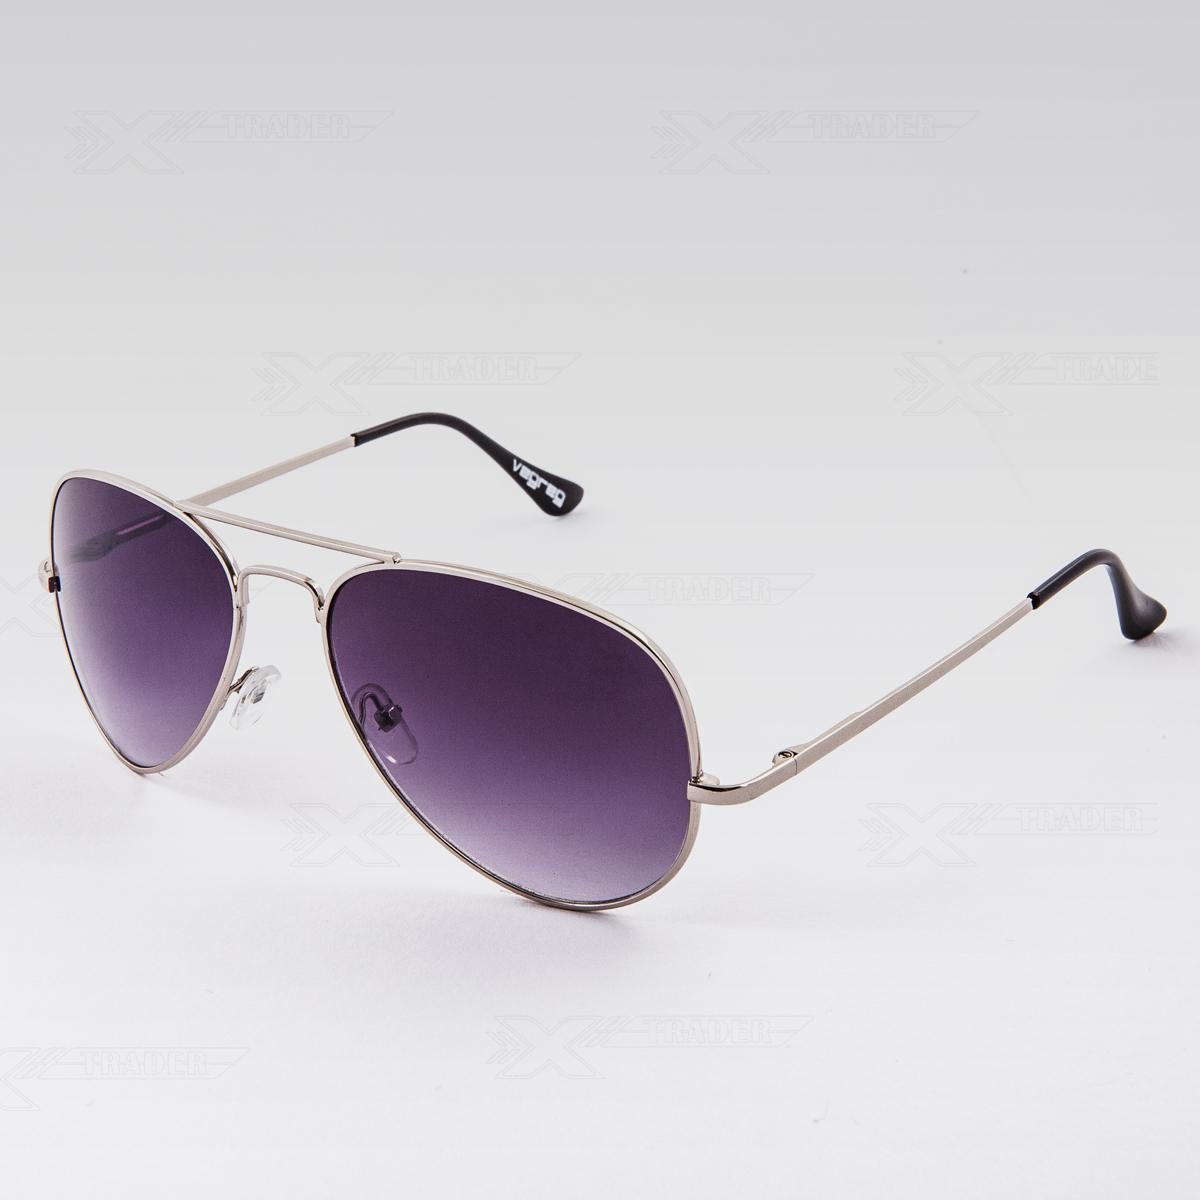 Sluneční brýle Pilotky černé obroučky